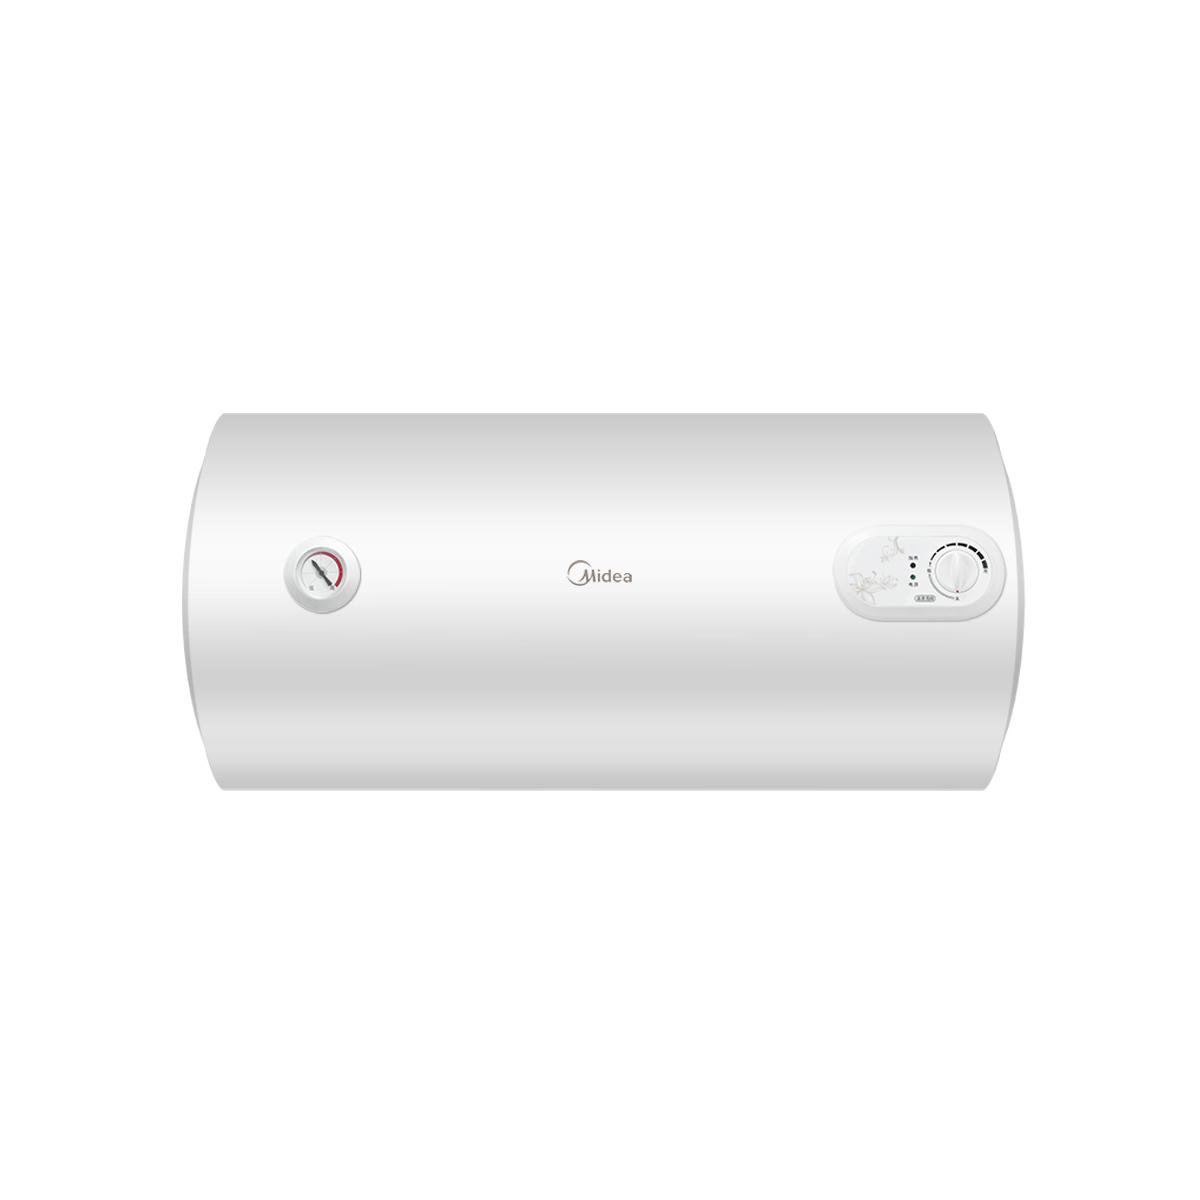 Midea/美的 F50-15A3电热水器 说明书.pdf